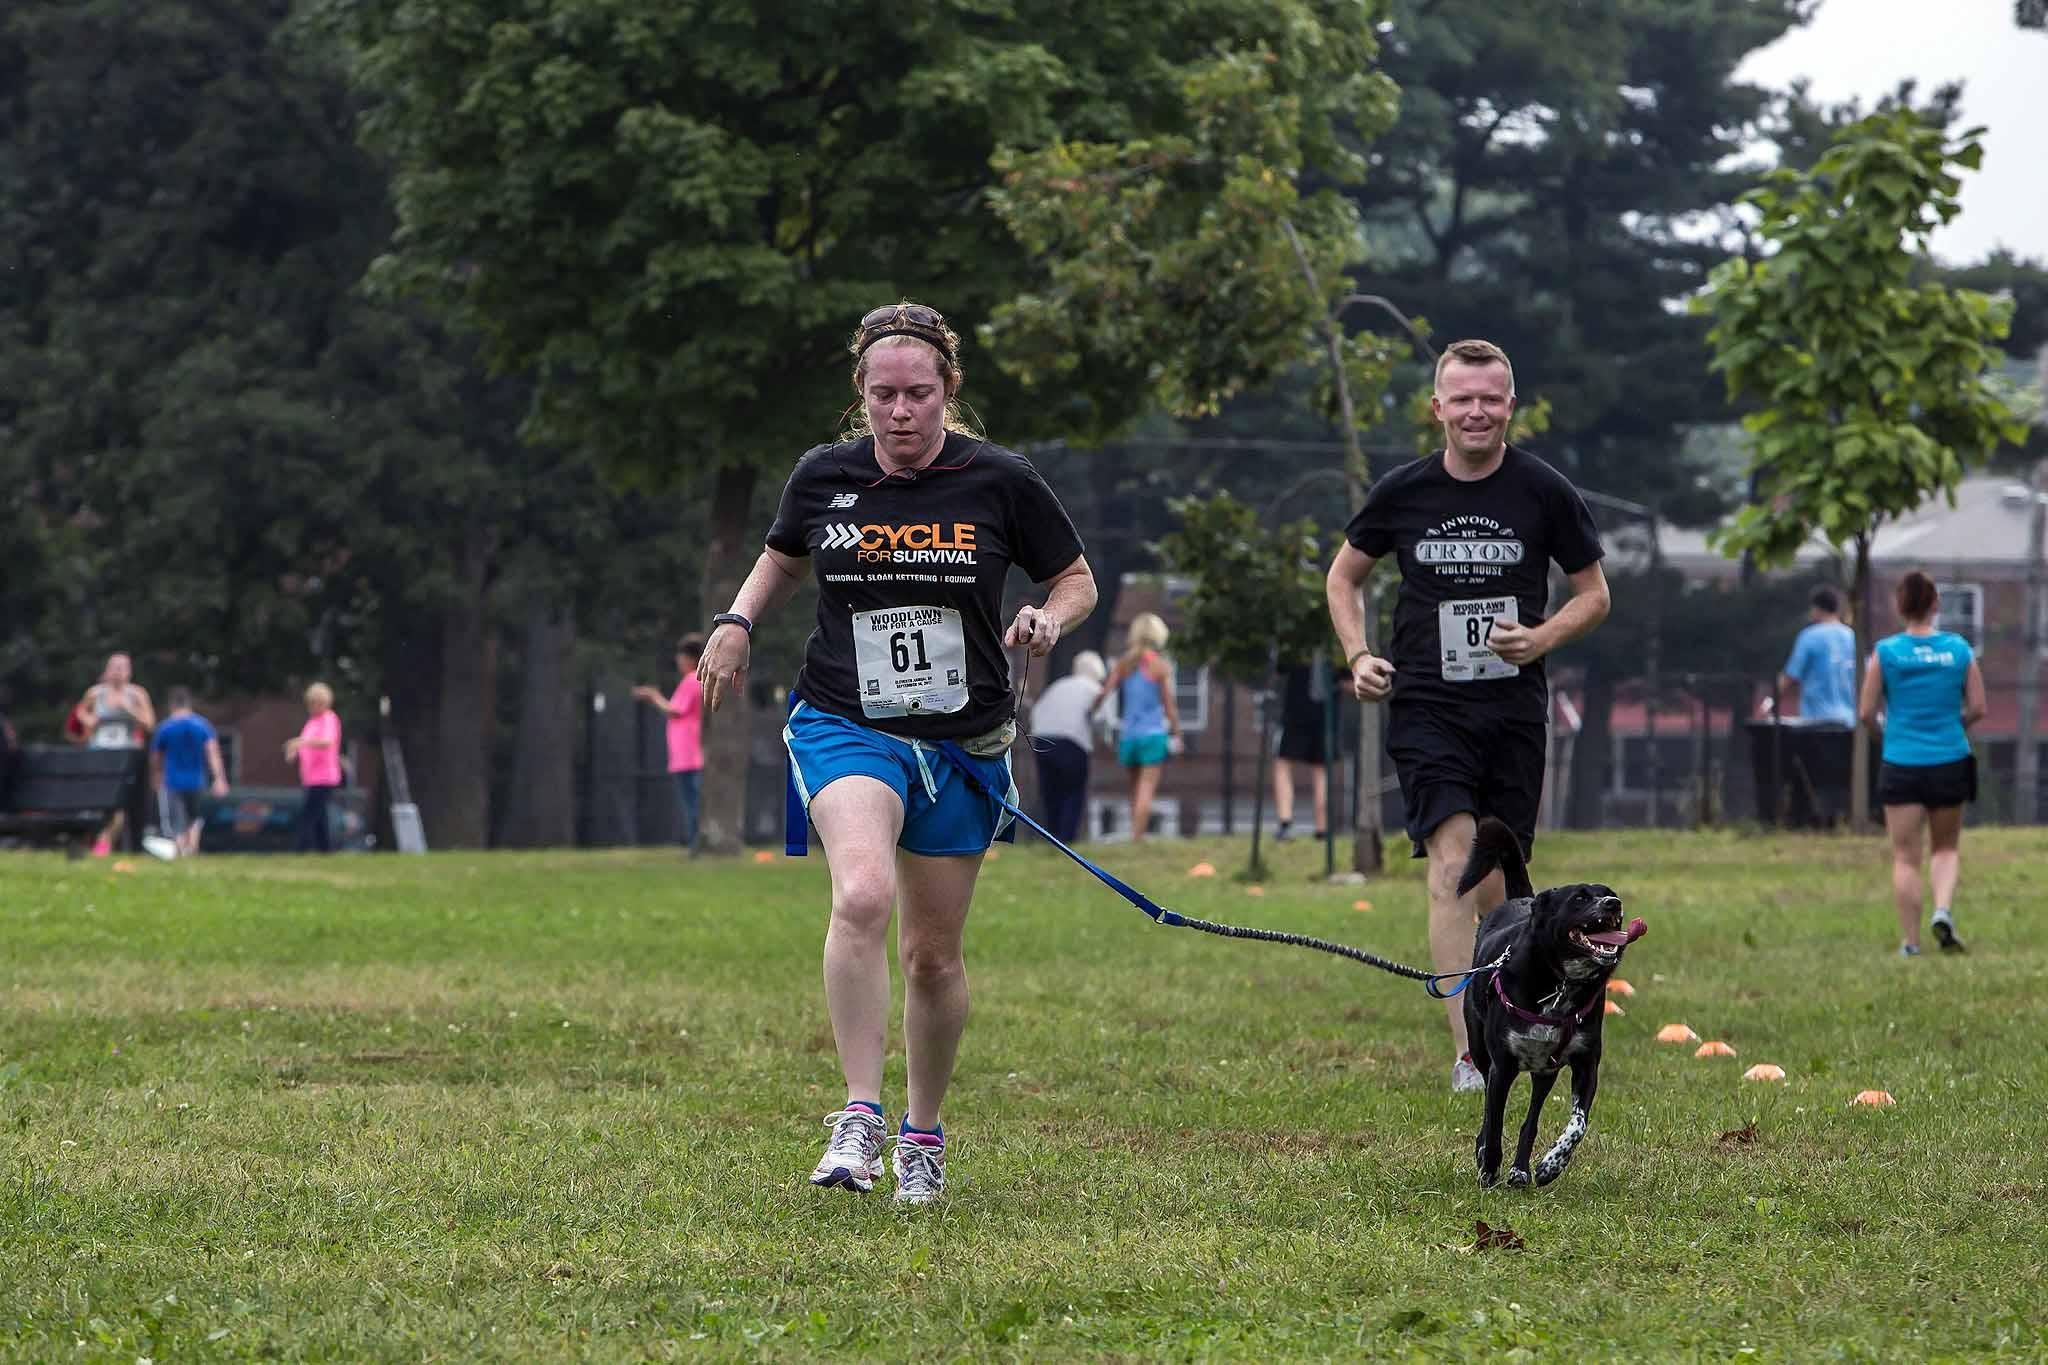 156-Woodlawn Run for a Cause-400.jpg